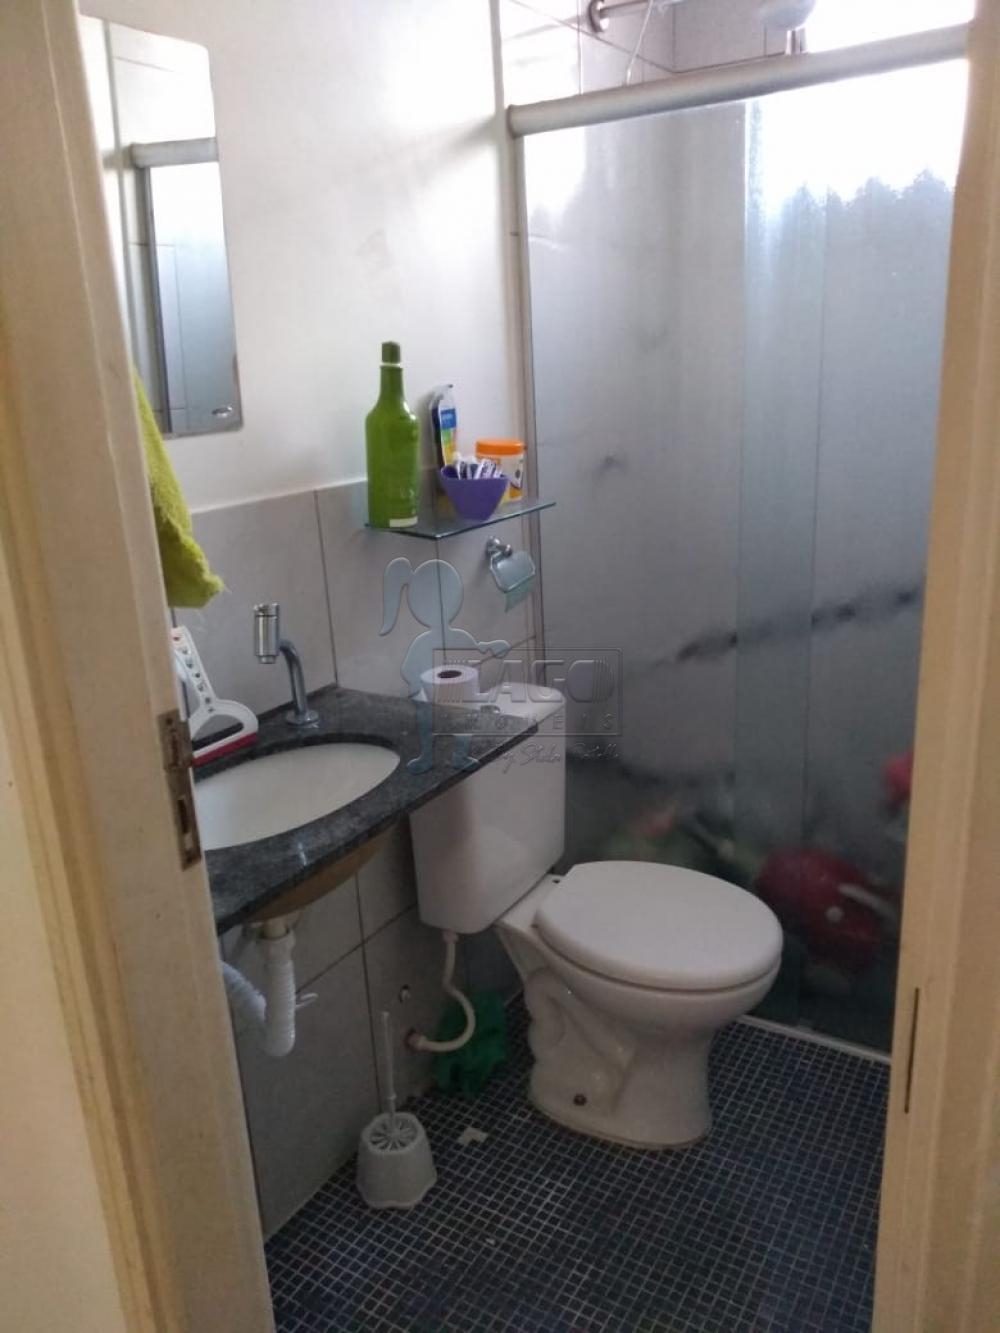 Alugar Casas / Condomínio em Ribeirão Preto apenas R$ 1.600,00 - Foto 12